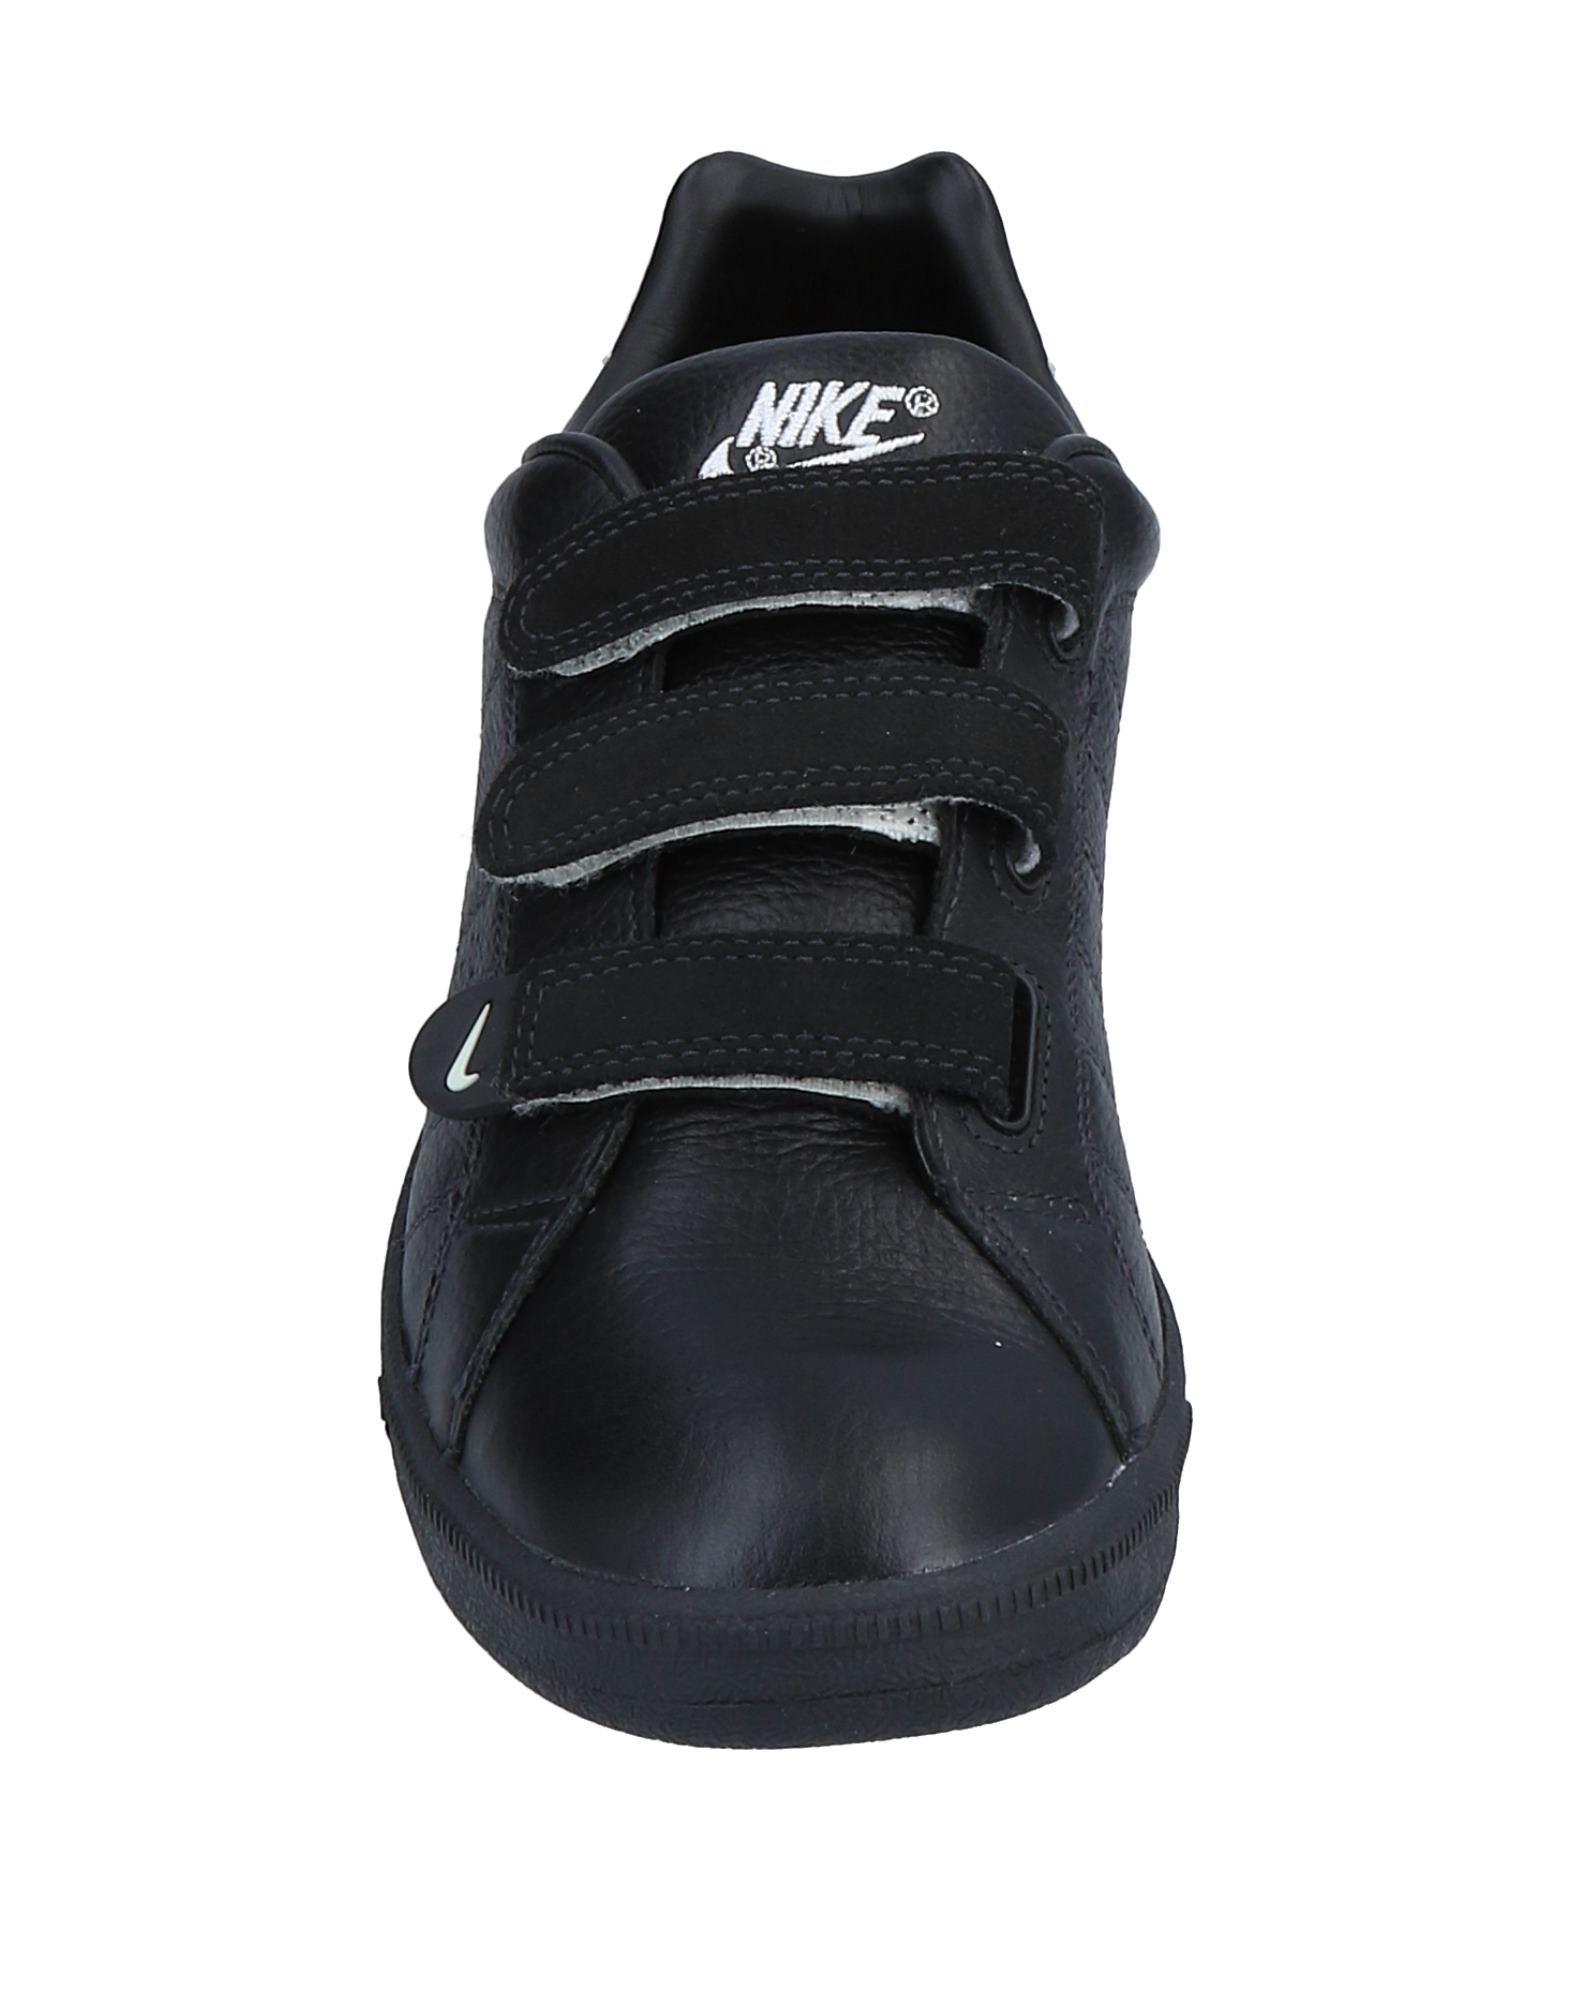 Nike Sneakers Herren Gutes Preis-Leistungs-Verhältnis, es es Preis-Leistungs-Verhältnis, lohnt sich 4a20db